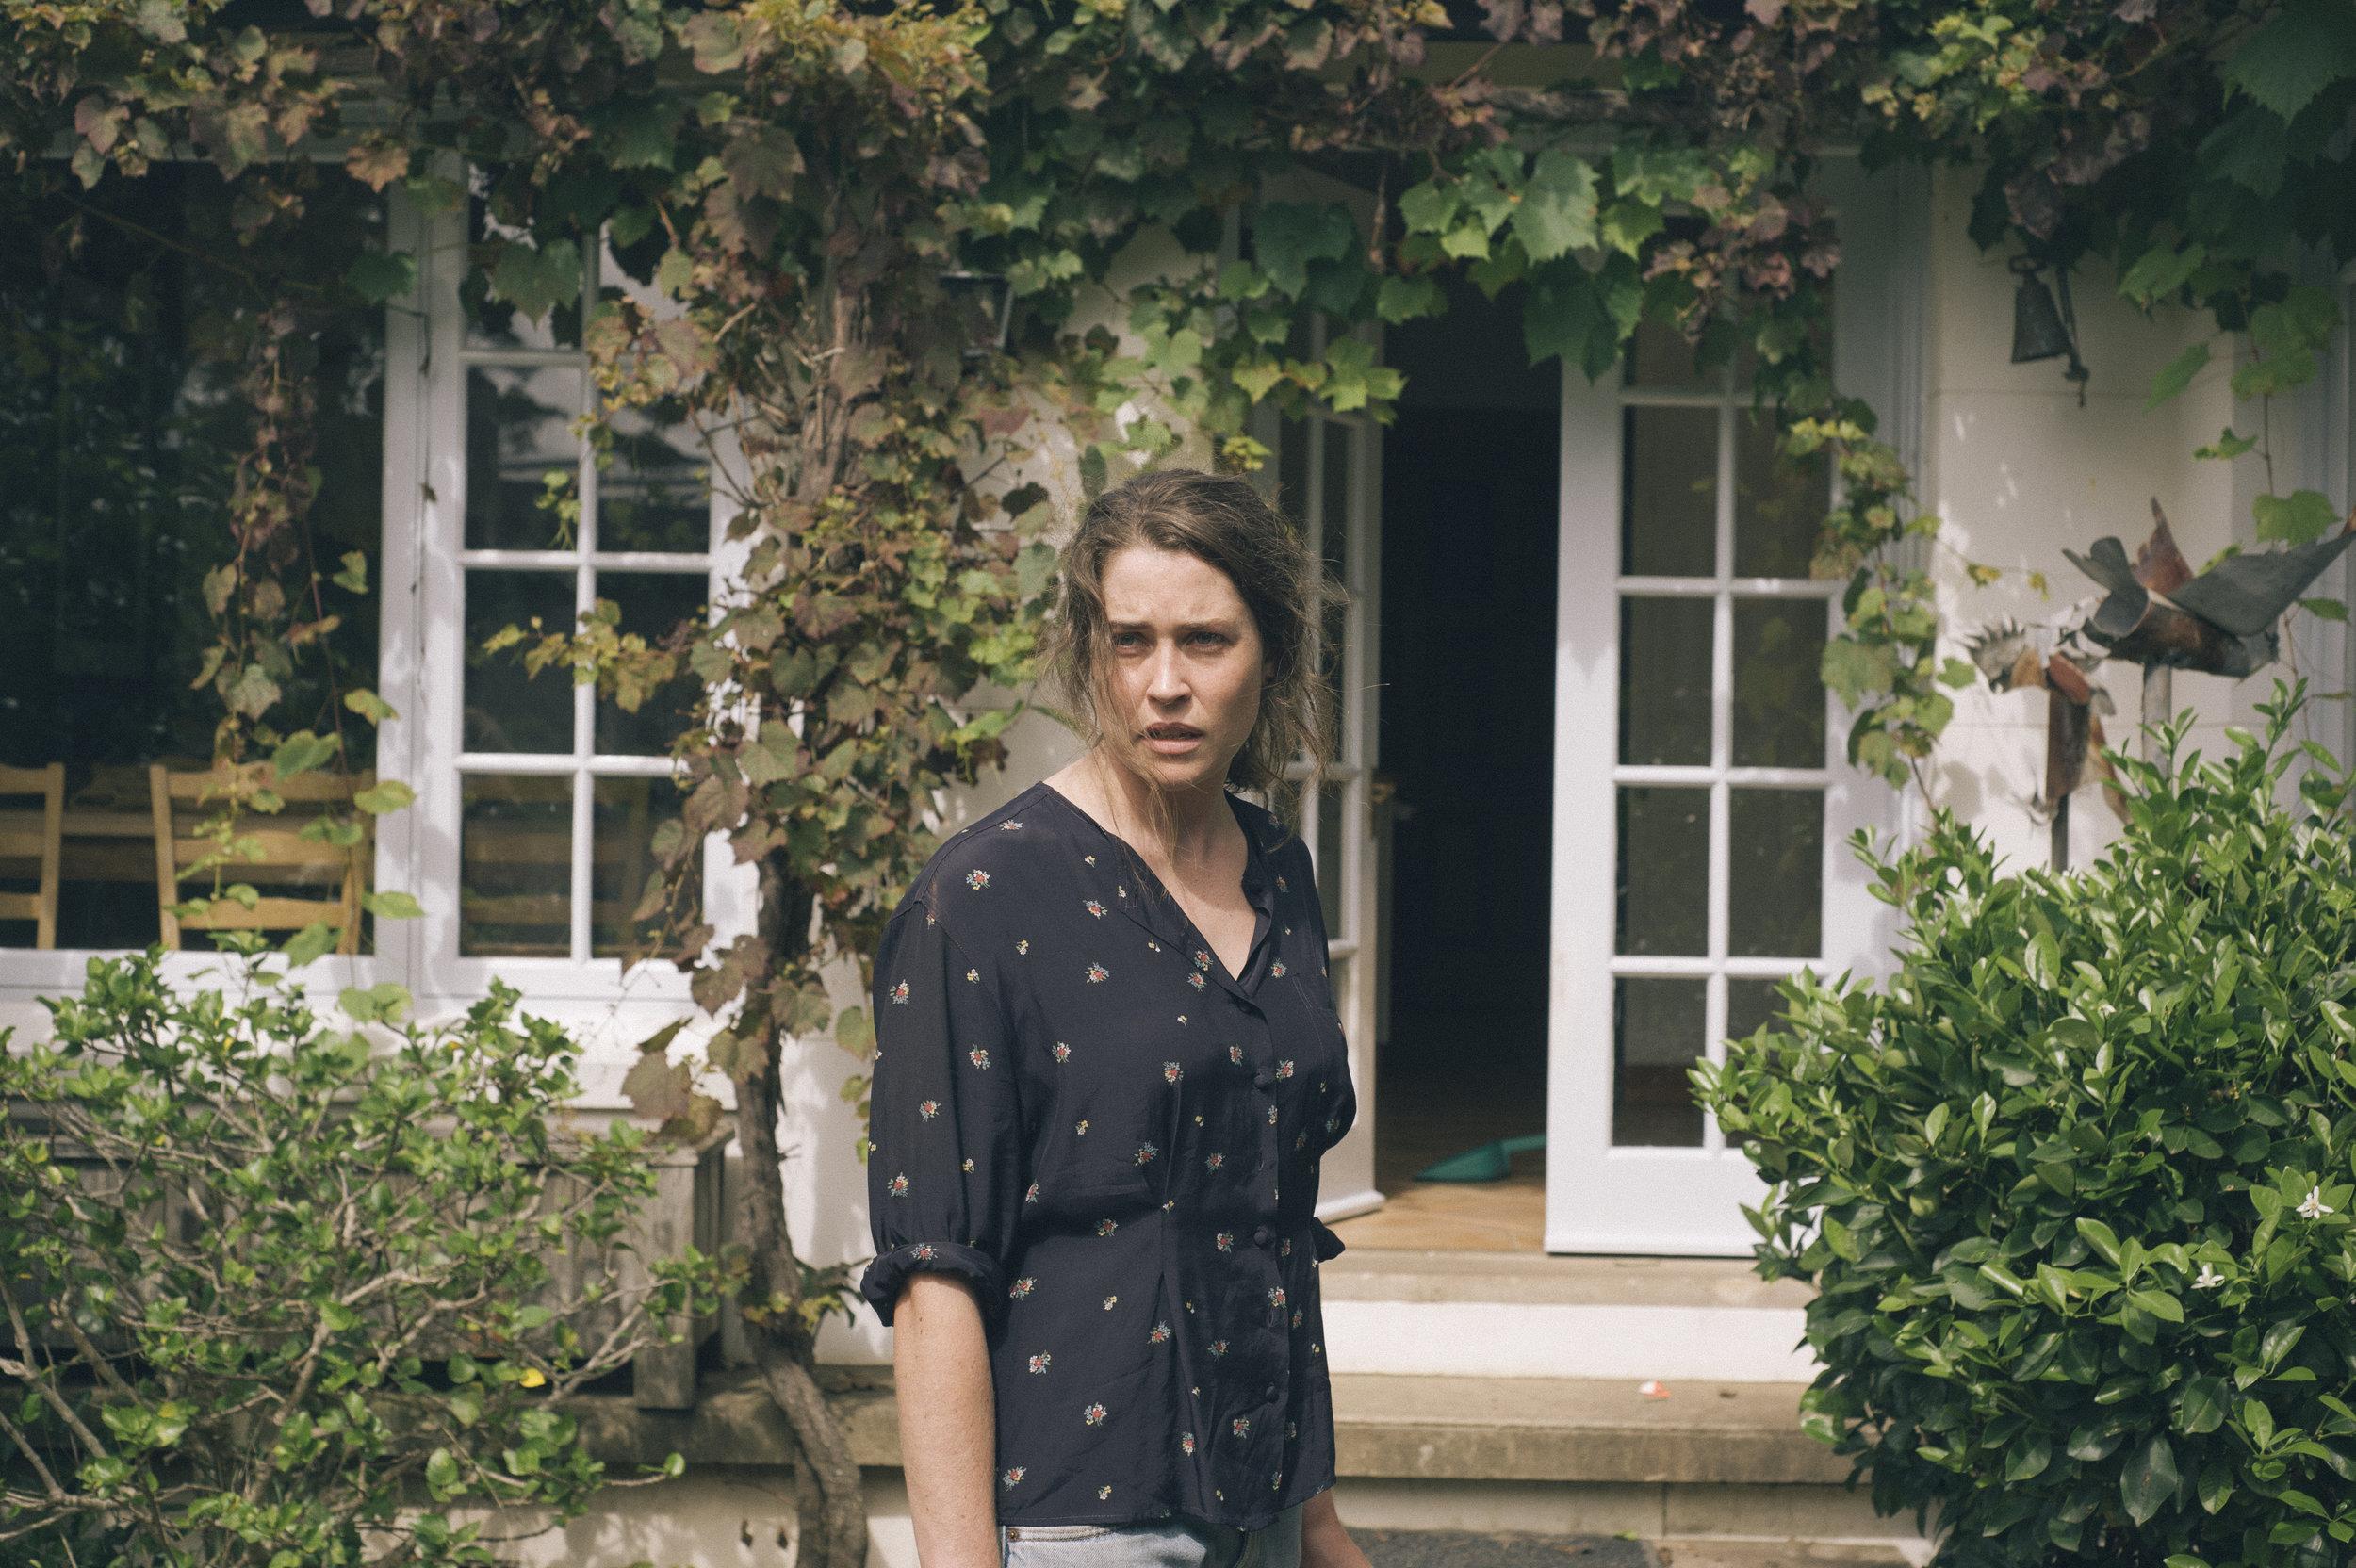 THE GREENHOUSE_Jane Watt_Photo by Sarah Wilson (2).jpg